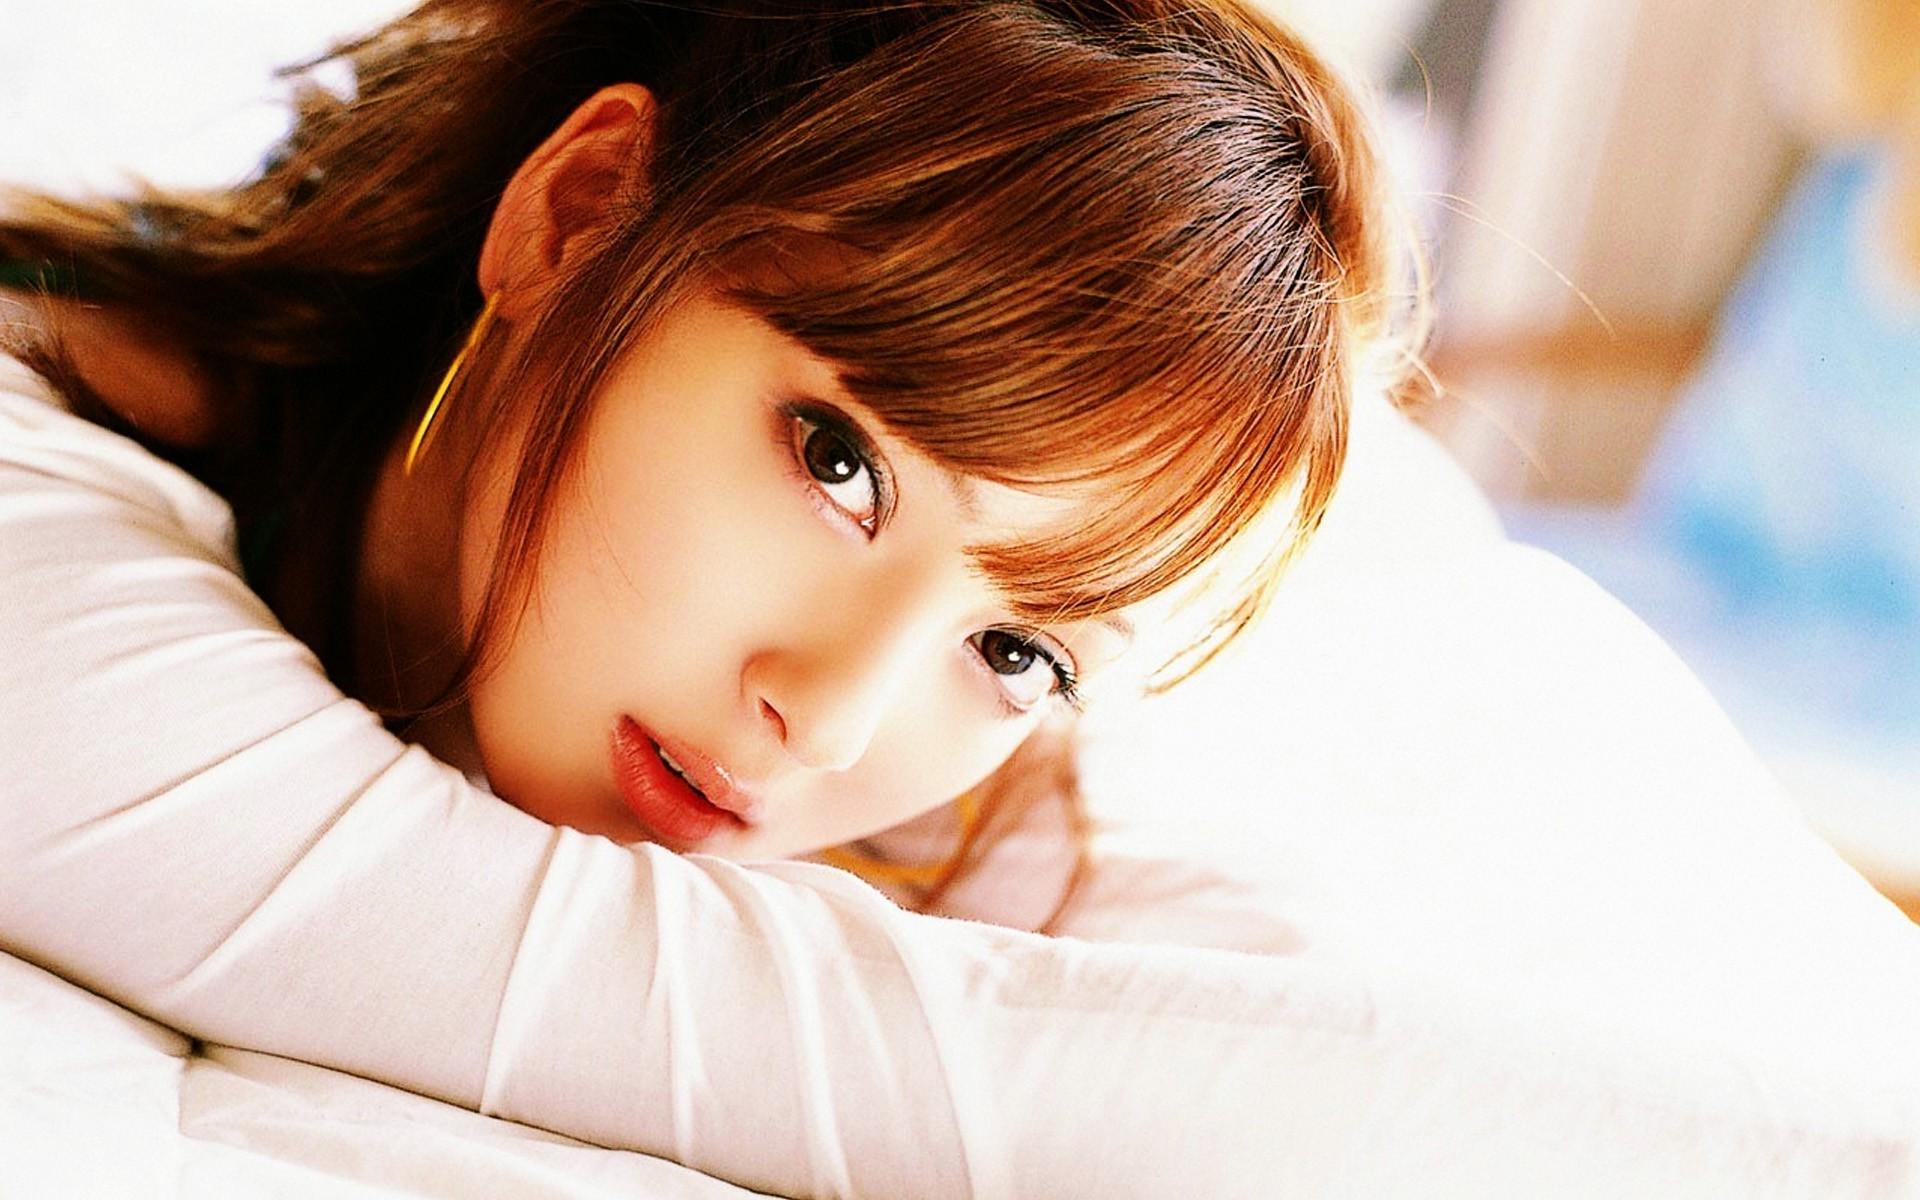 Фото японок на аву